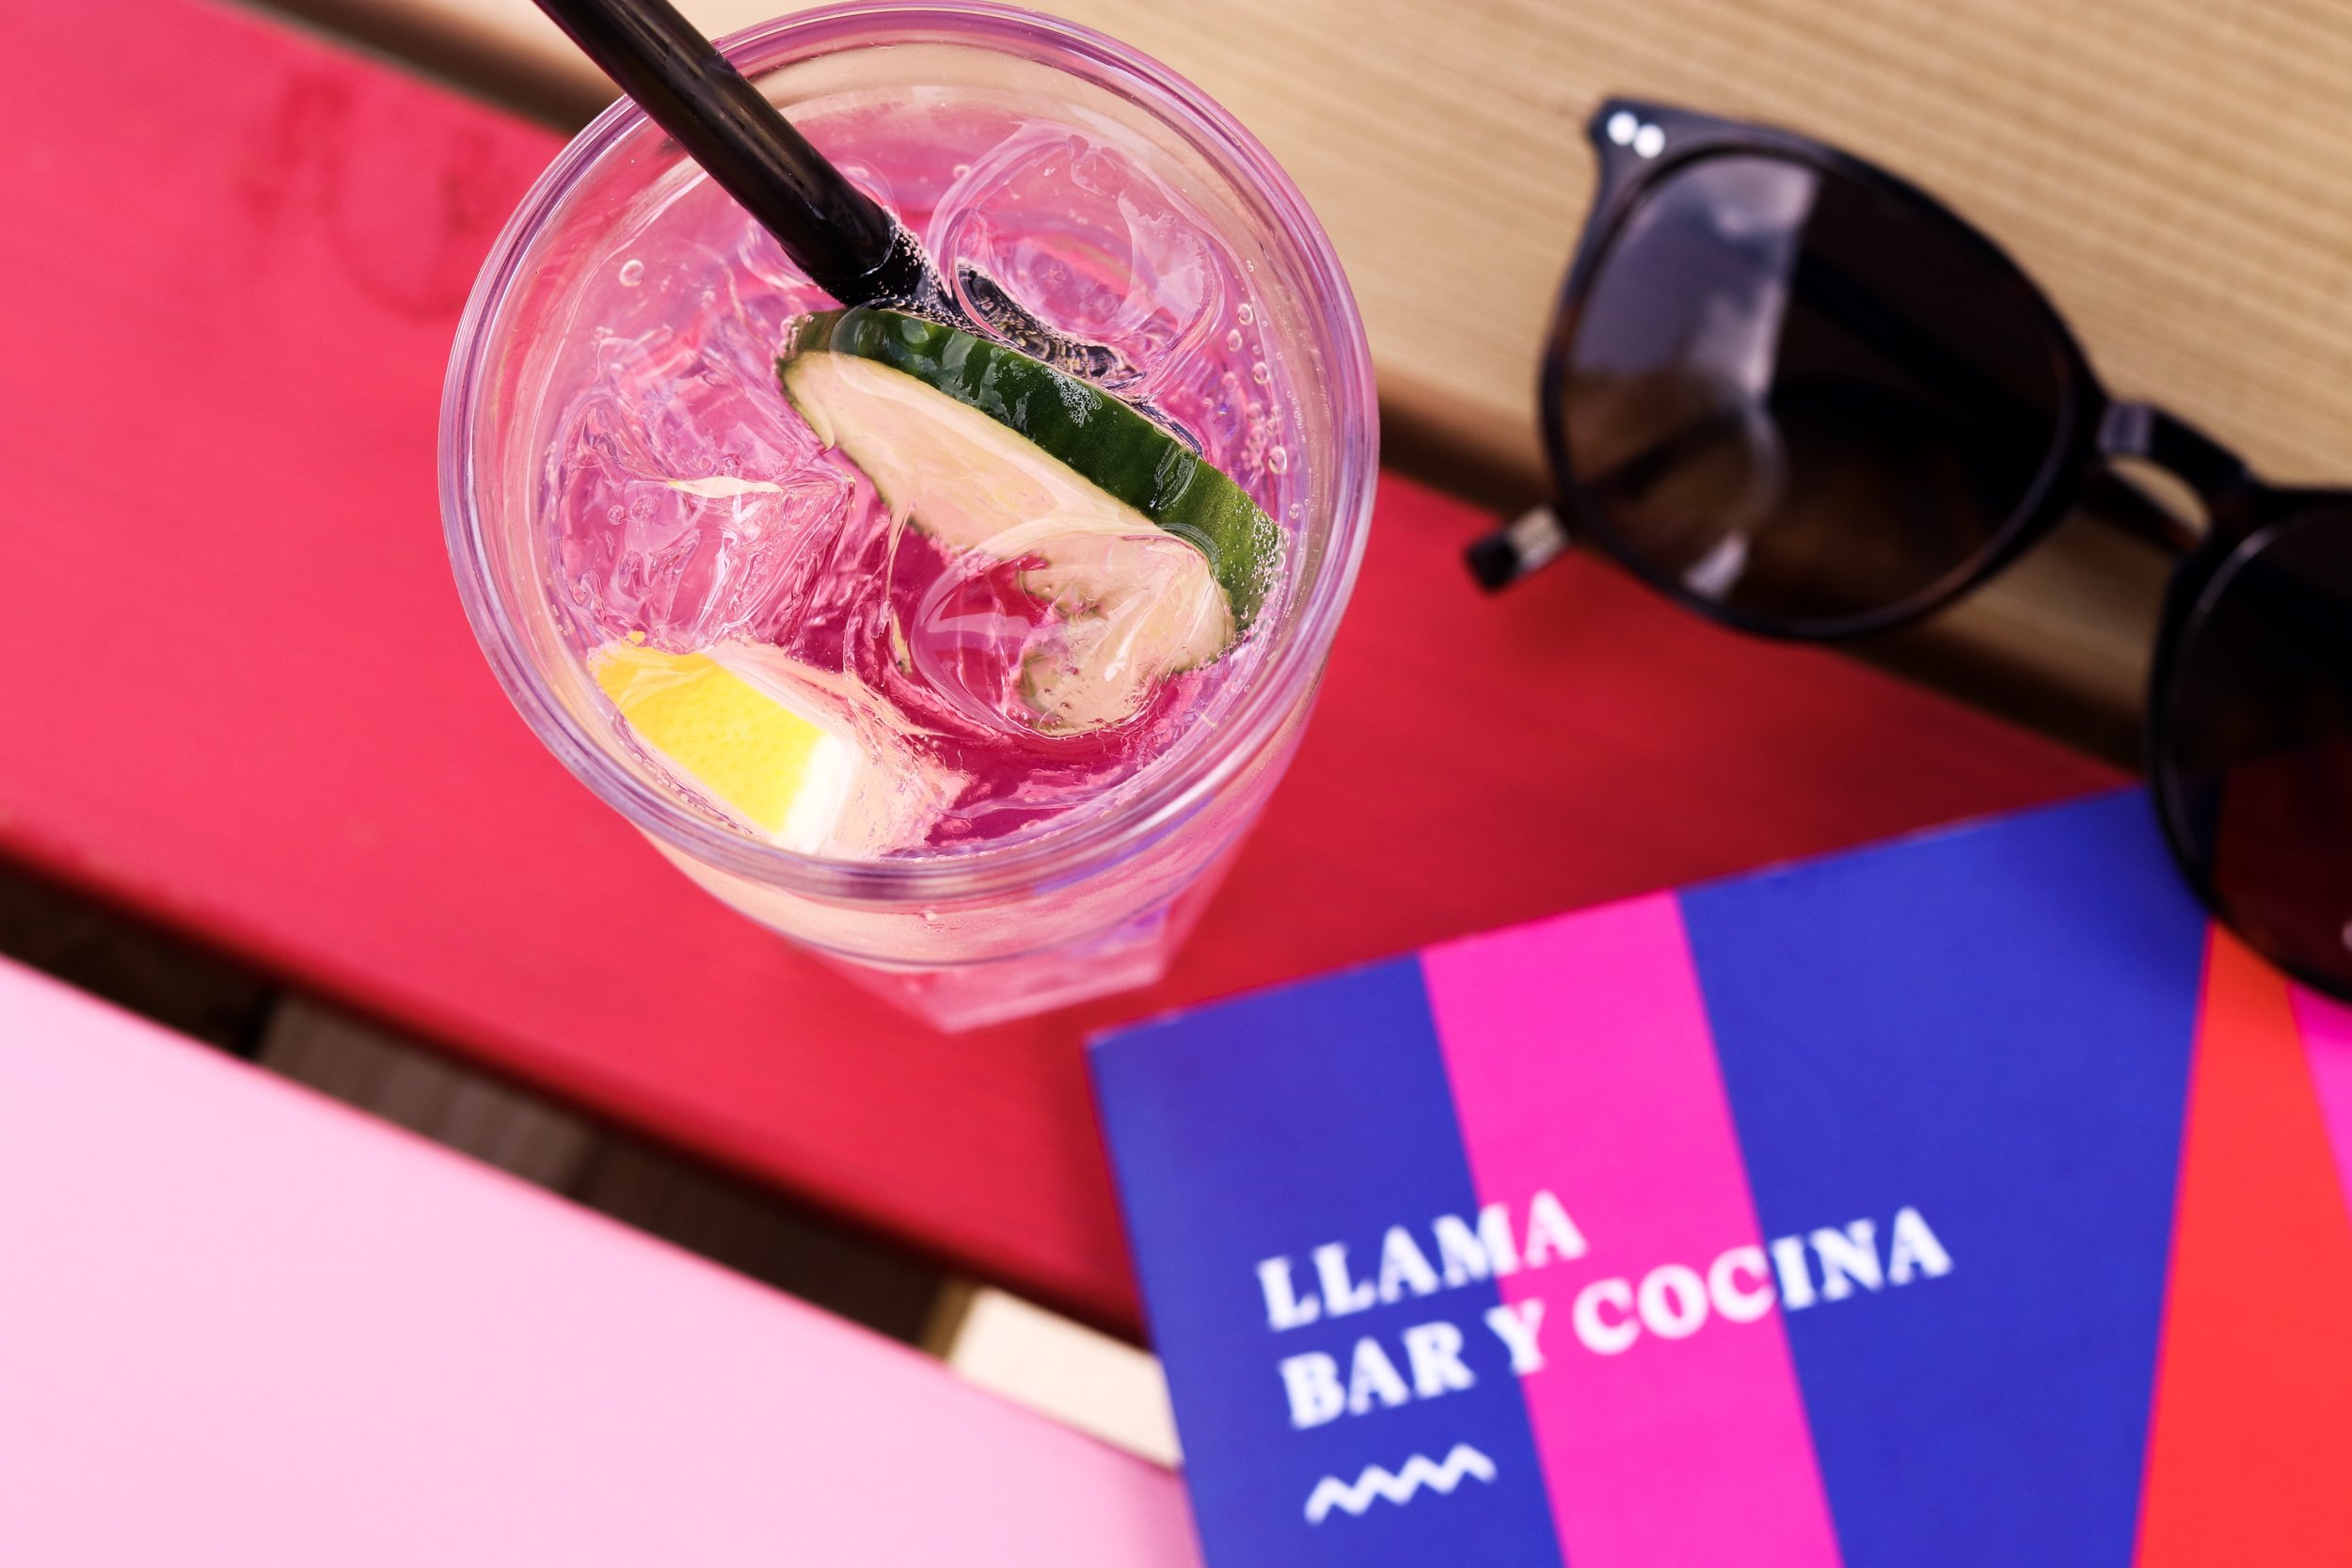 Luzern isst - Llama bar y cocina